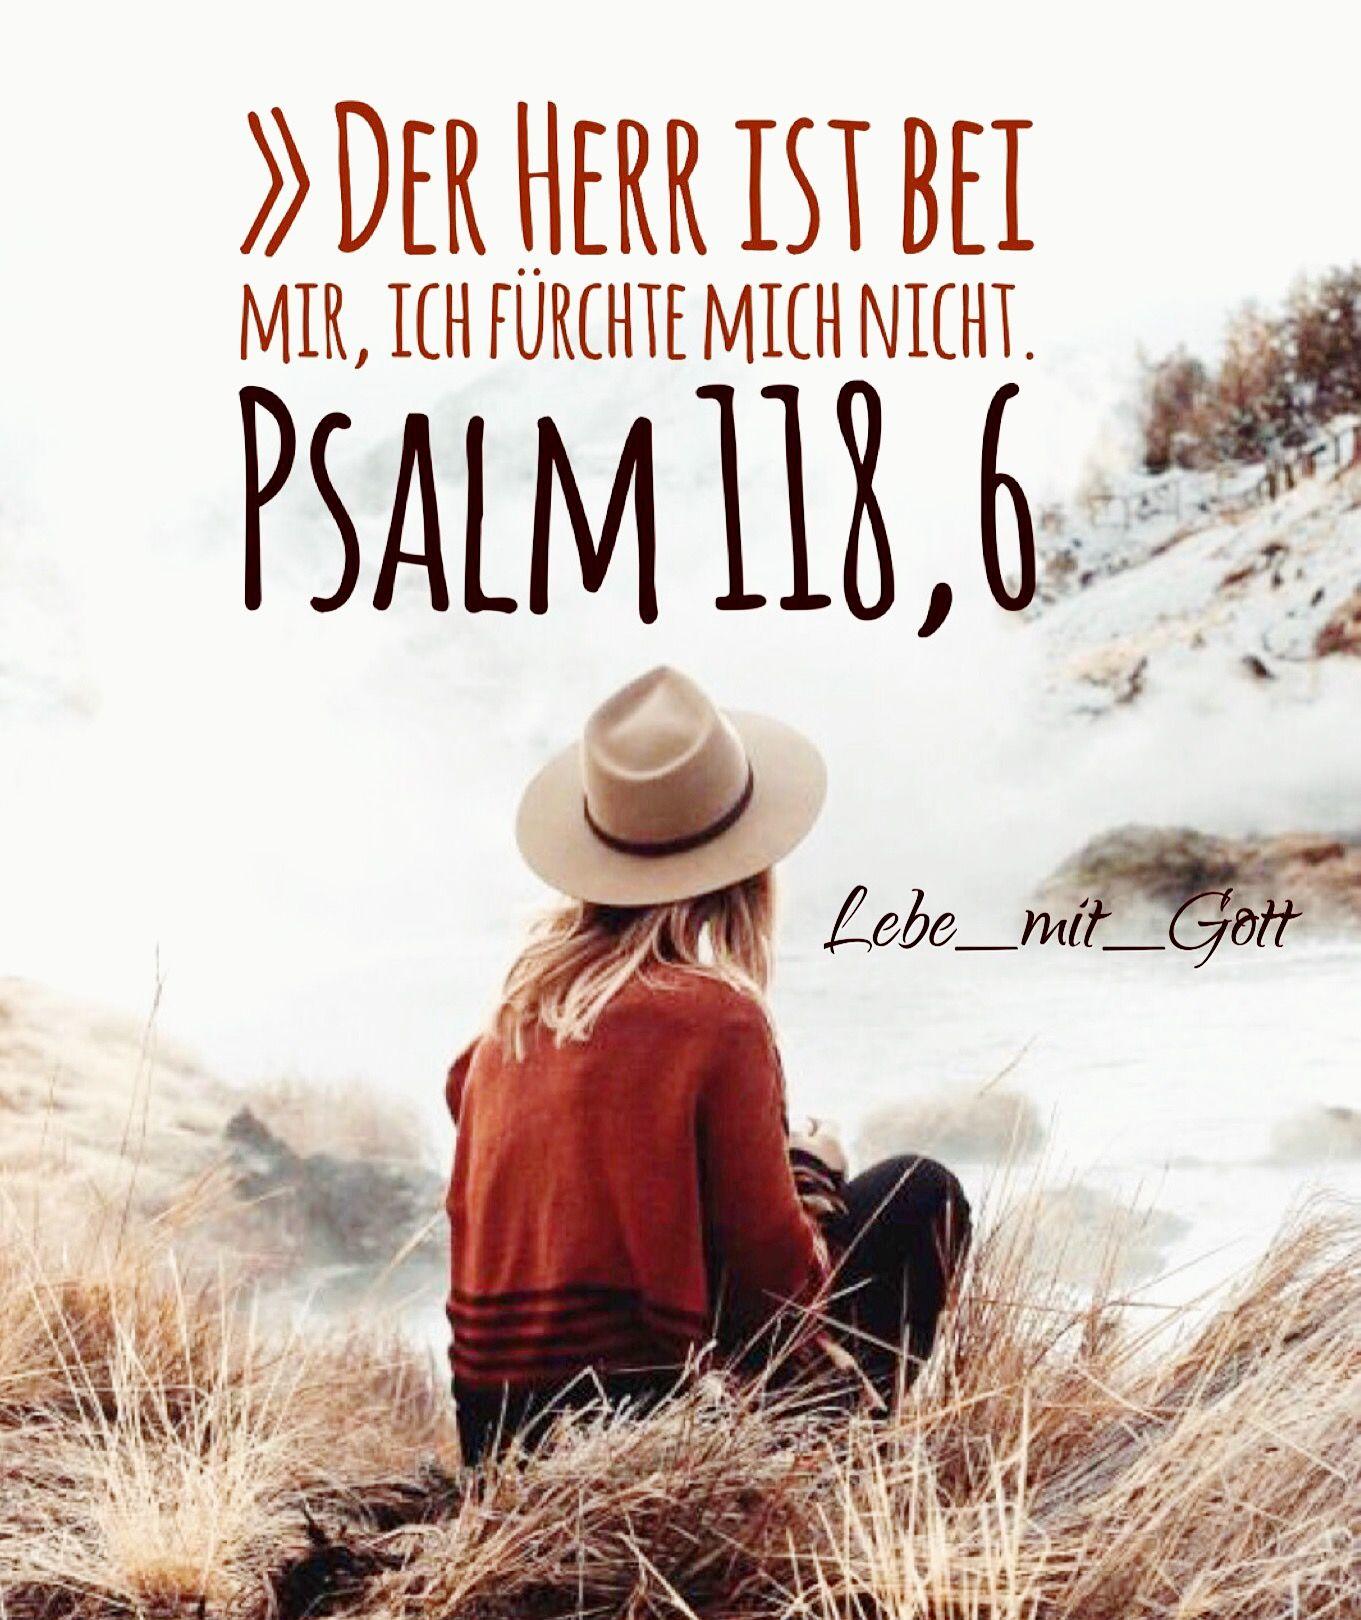 » Der Herr ist bei mir, ich fürchte mich nicht. Psalm 118